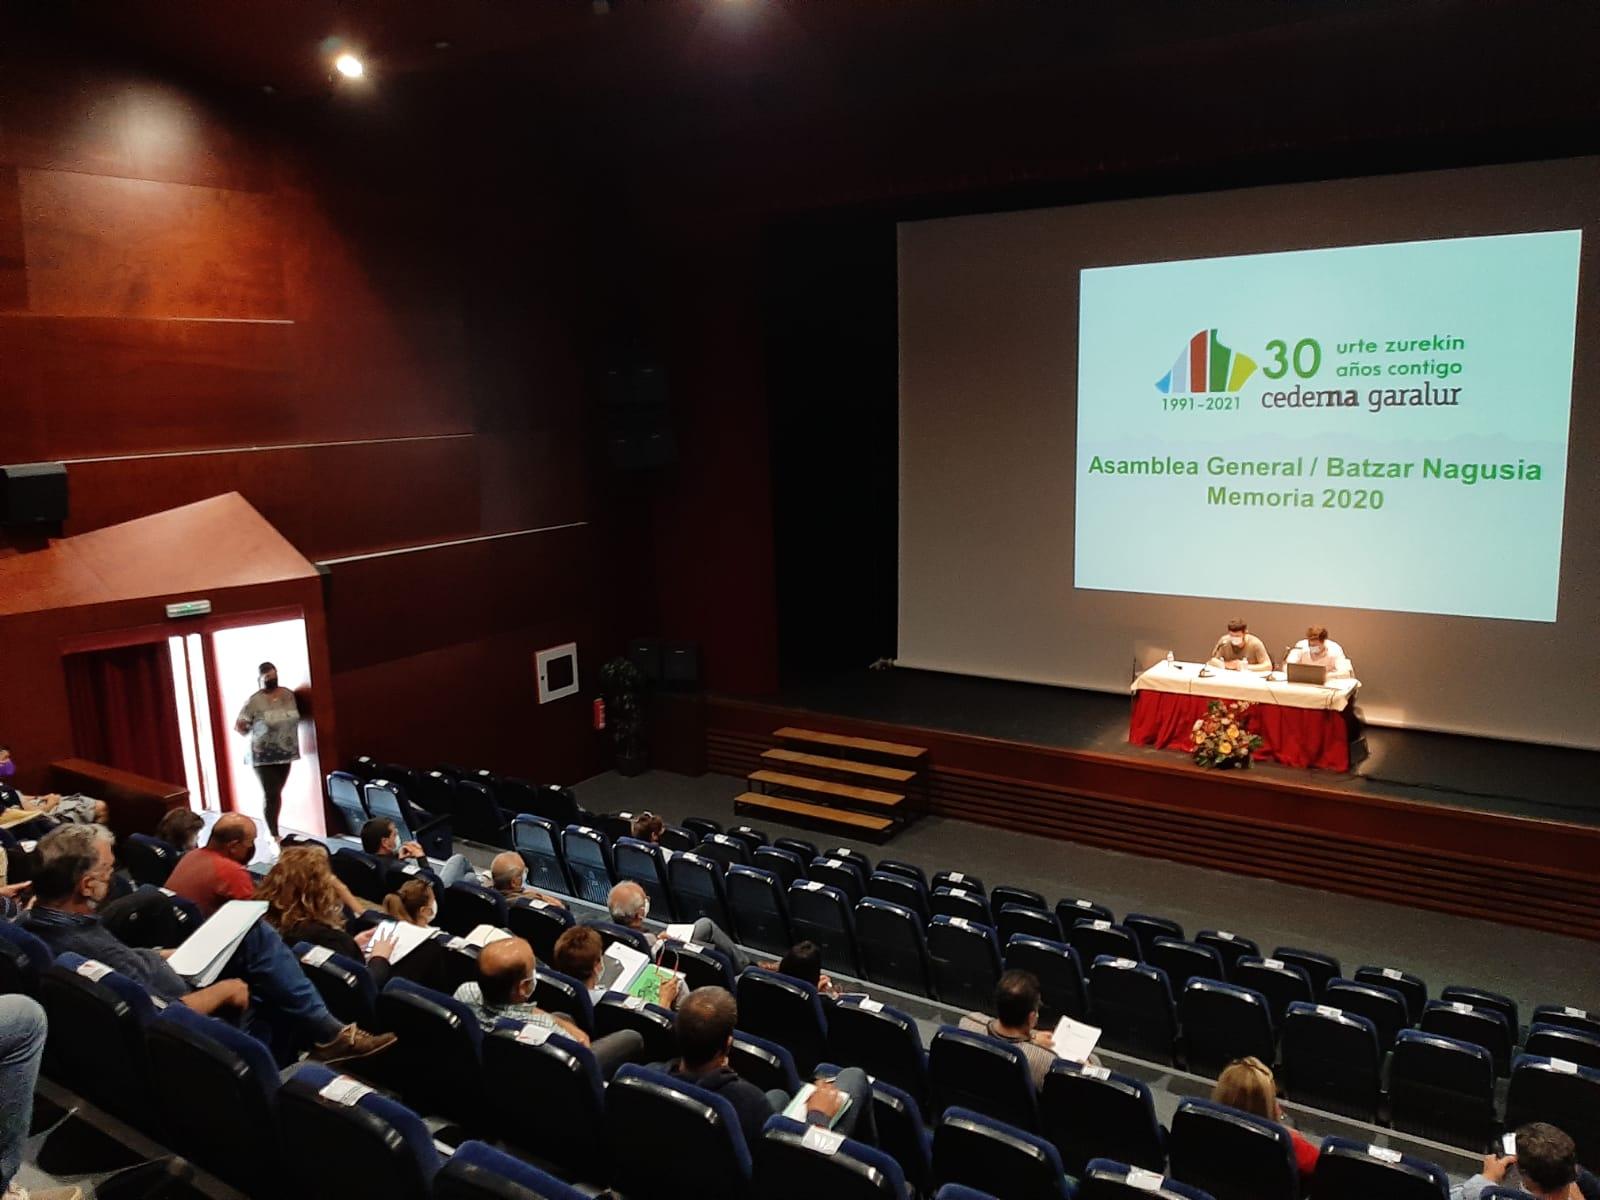 La Asamblea de Cederna Garalur impulsa nuevos proyectos en la Montaña de Navarra.